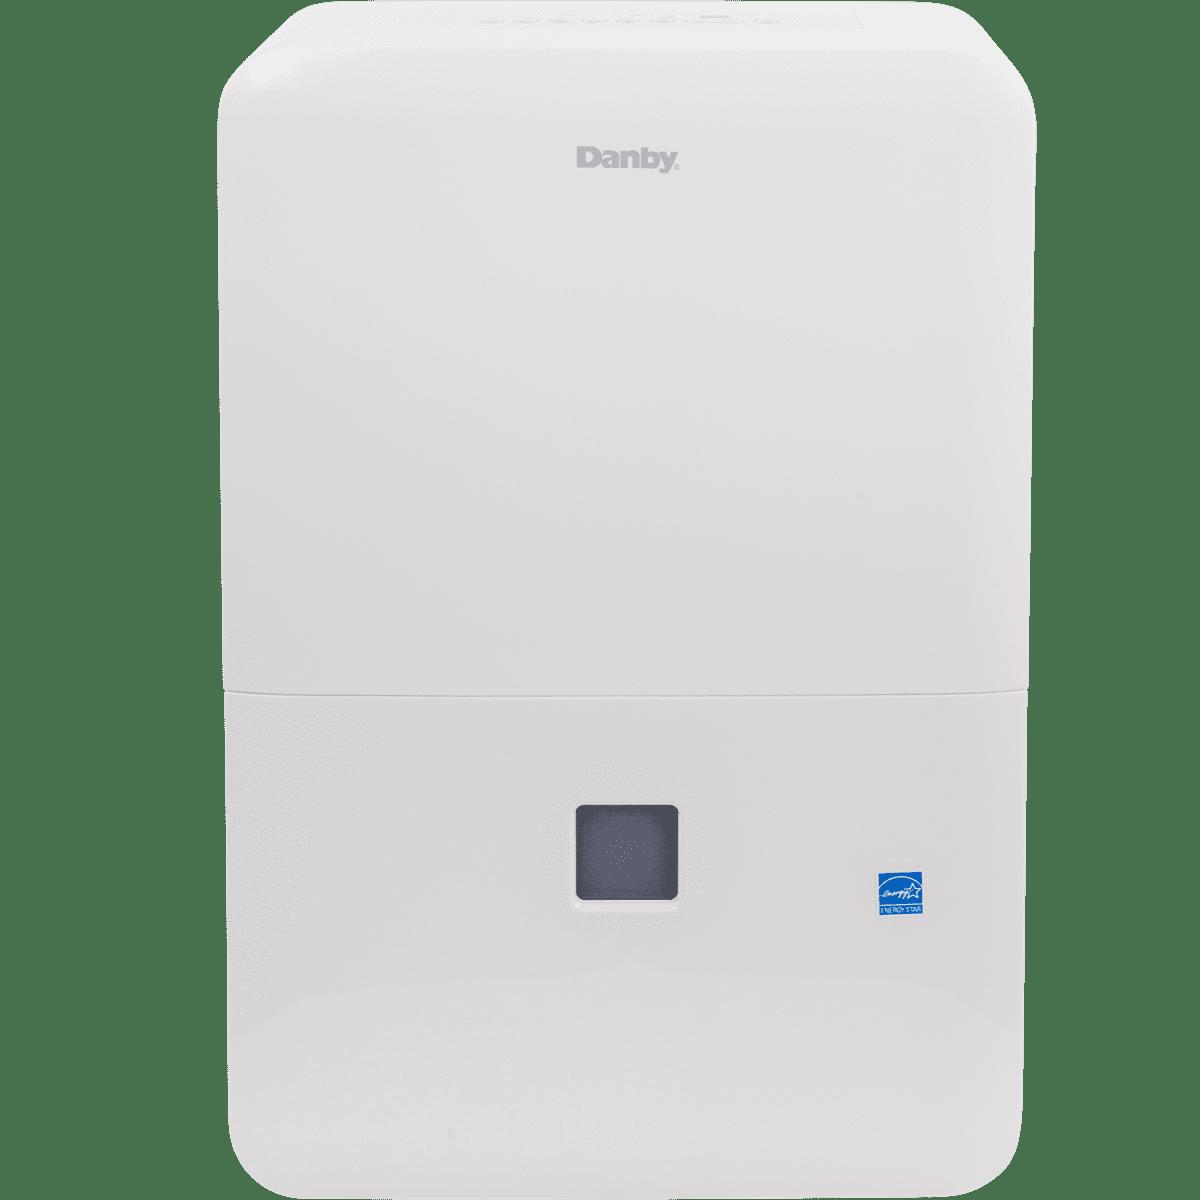 danby premiere 70 pint dehumidifier free shipping sylvane rh sylvane com danby r410a user guide Danby R-410A Manual